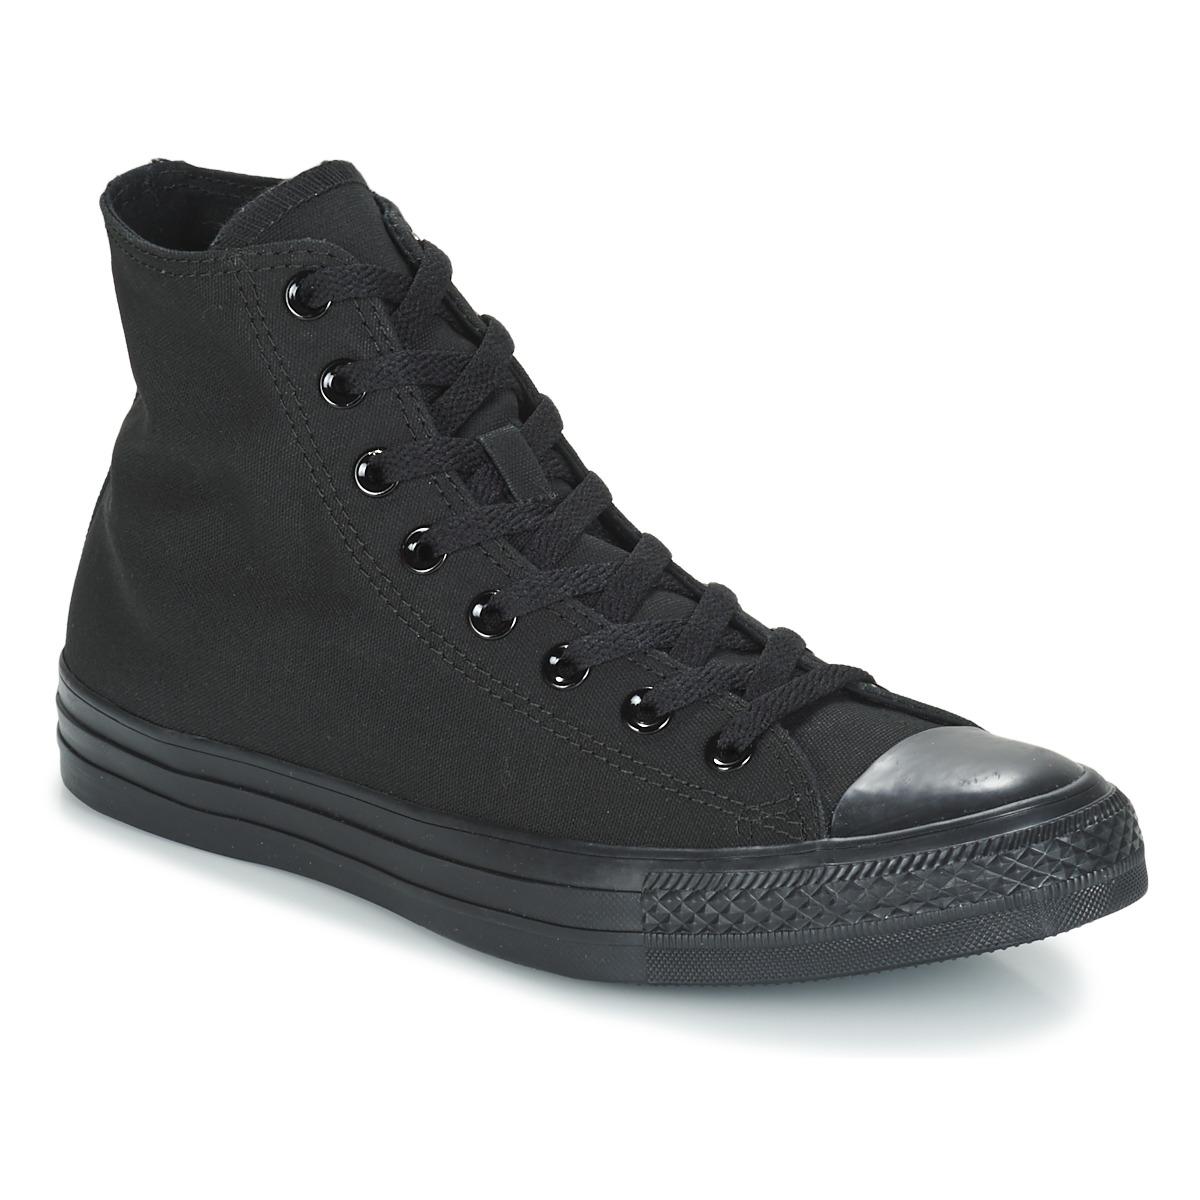 chaussure converse femme pas cher kenoflex fr